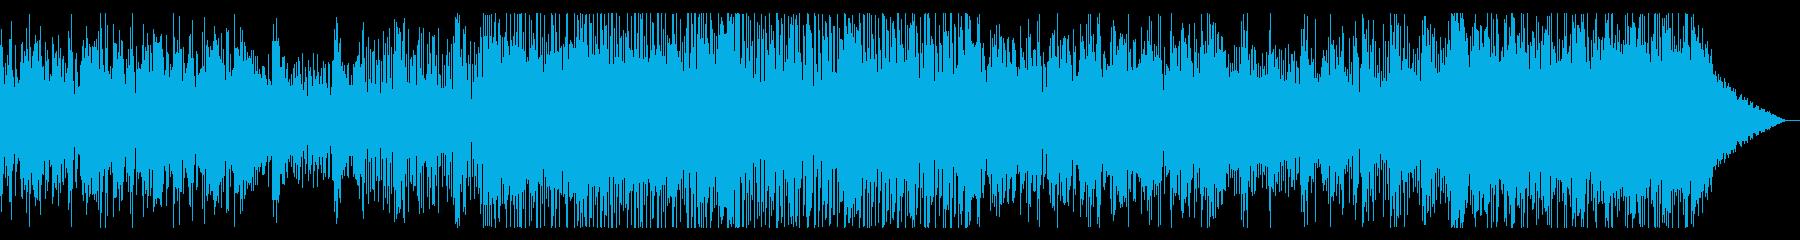 デジタルでディープなIDMの再生済みの波形